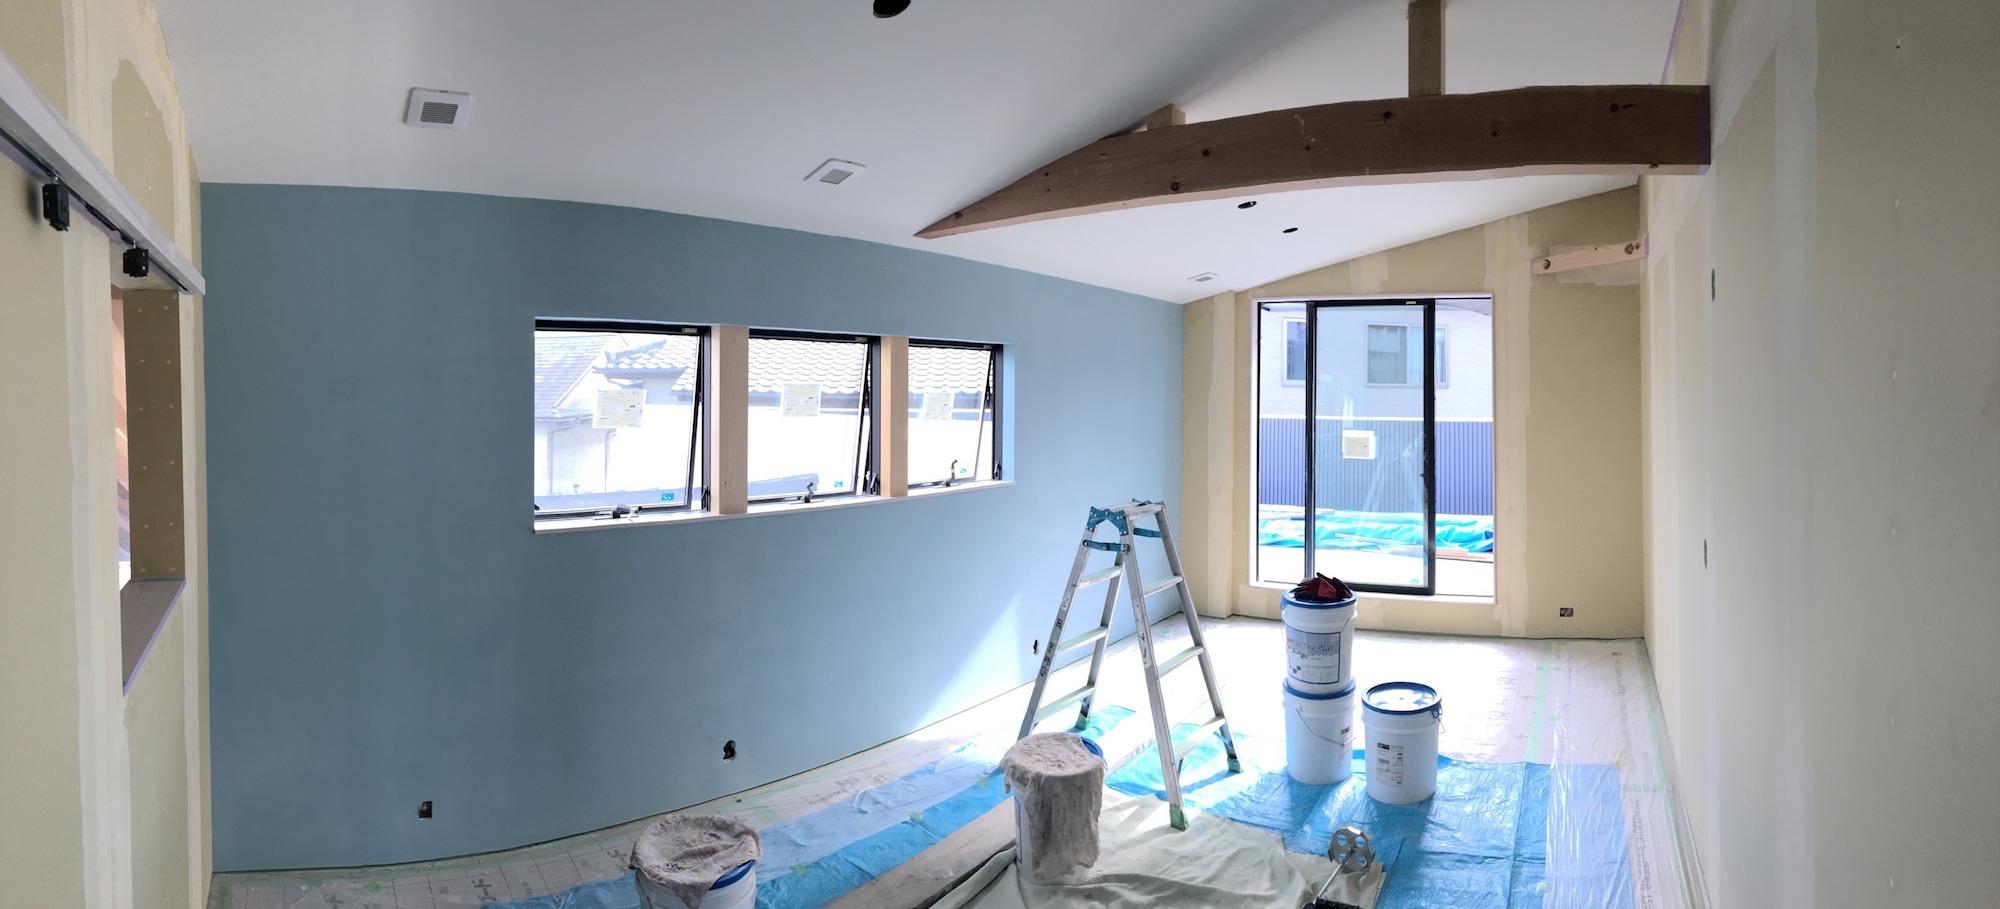 施工漆喰と珪藻土クロスを施行中部屋感up 広島の地元工務店で